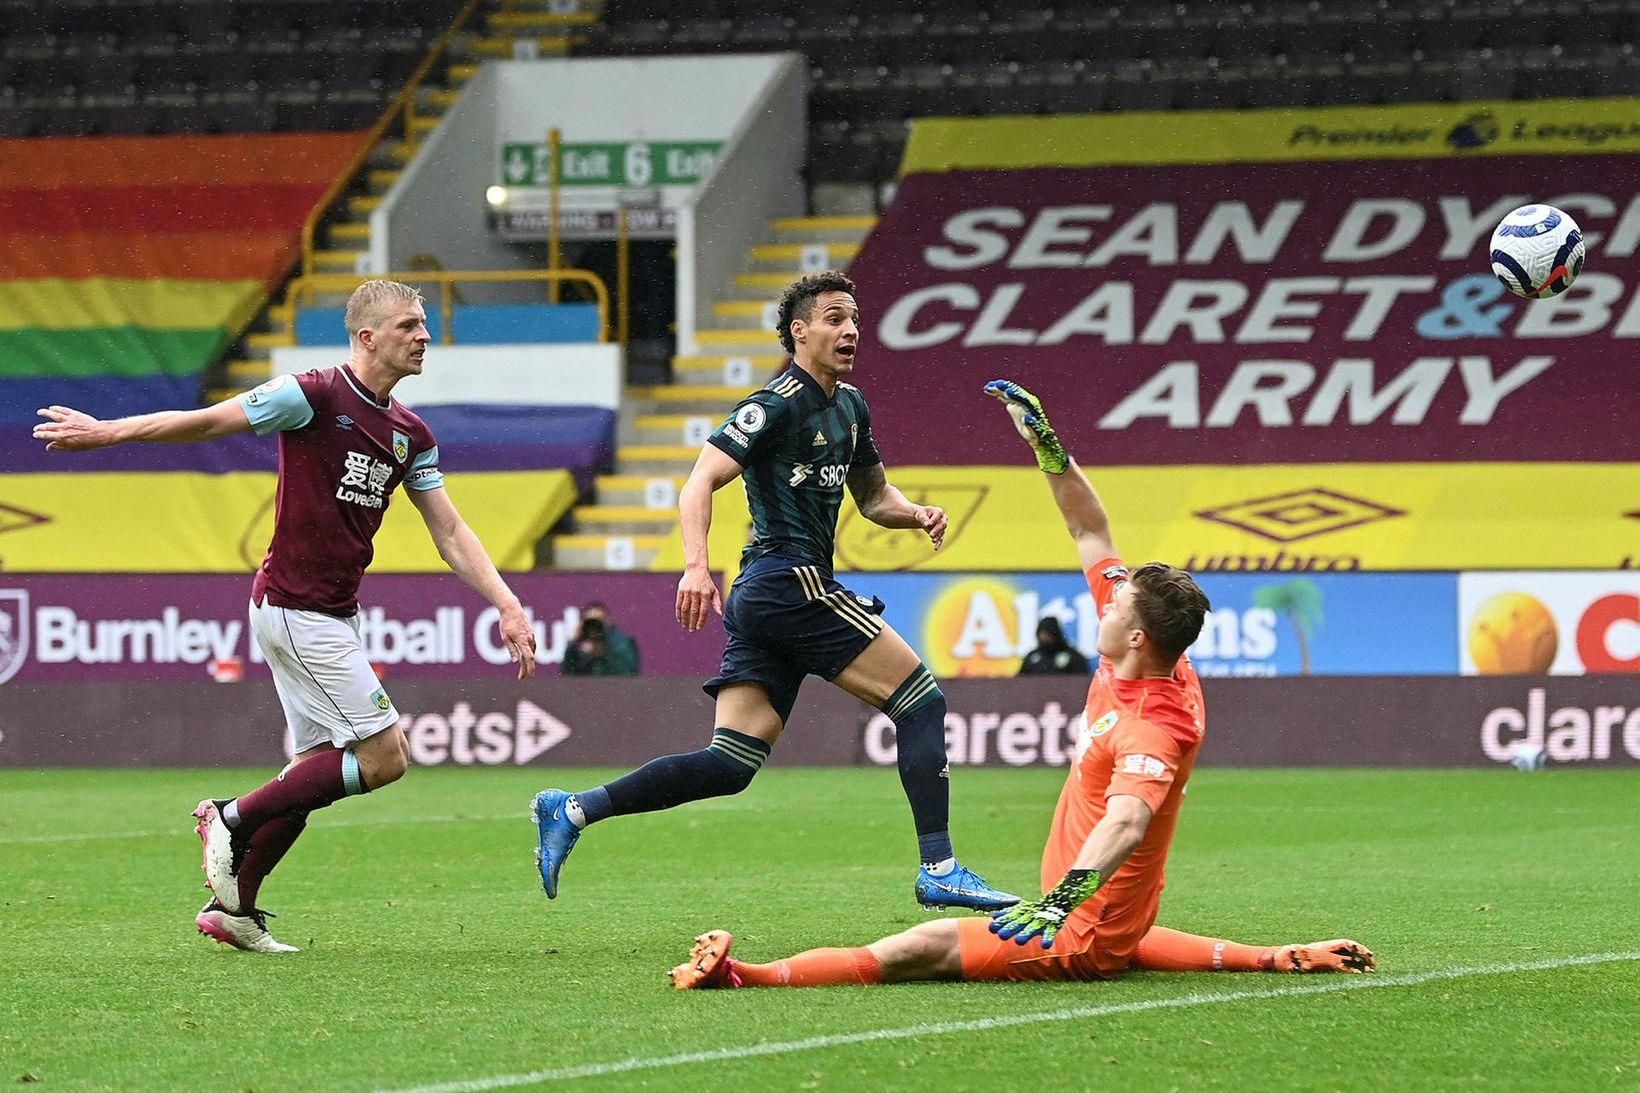 Rodrigo kemur Leeds í 3:0 í dag.